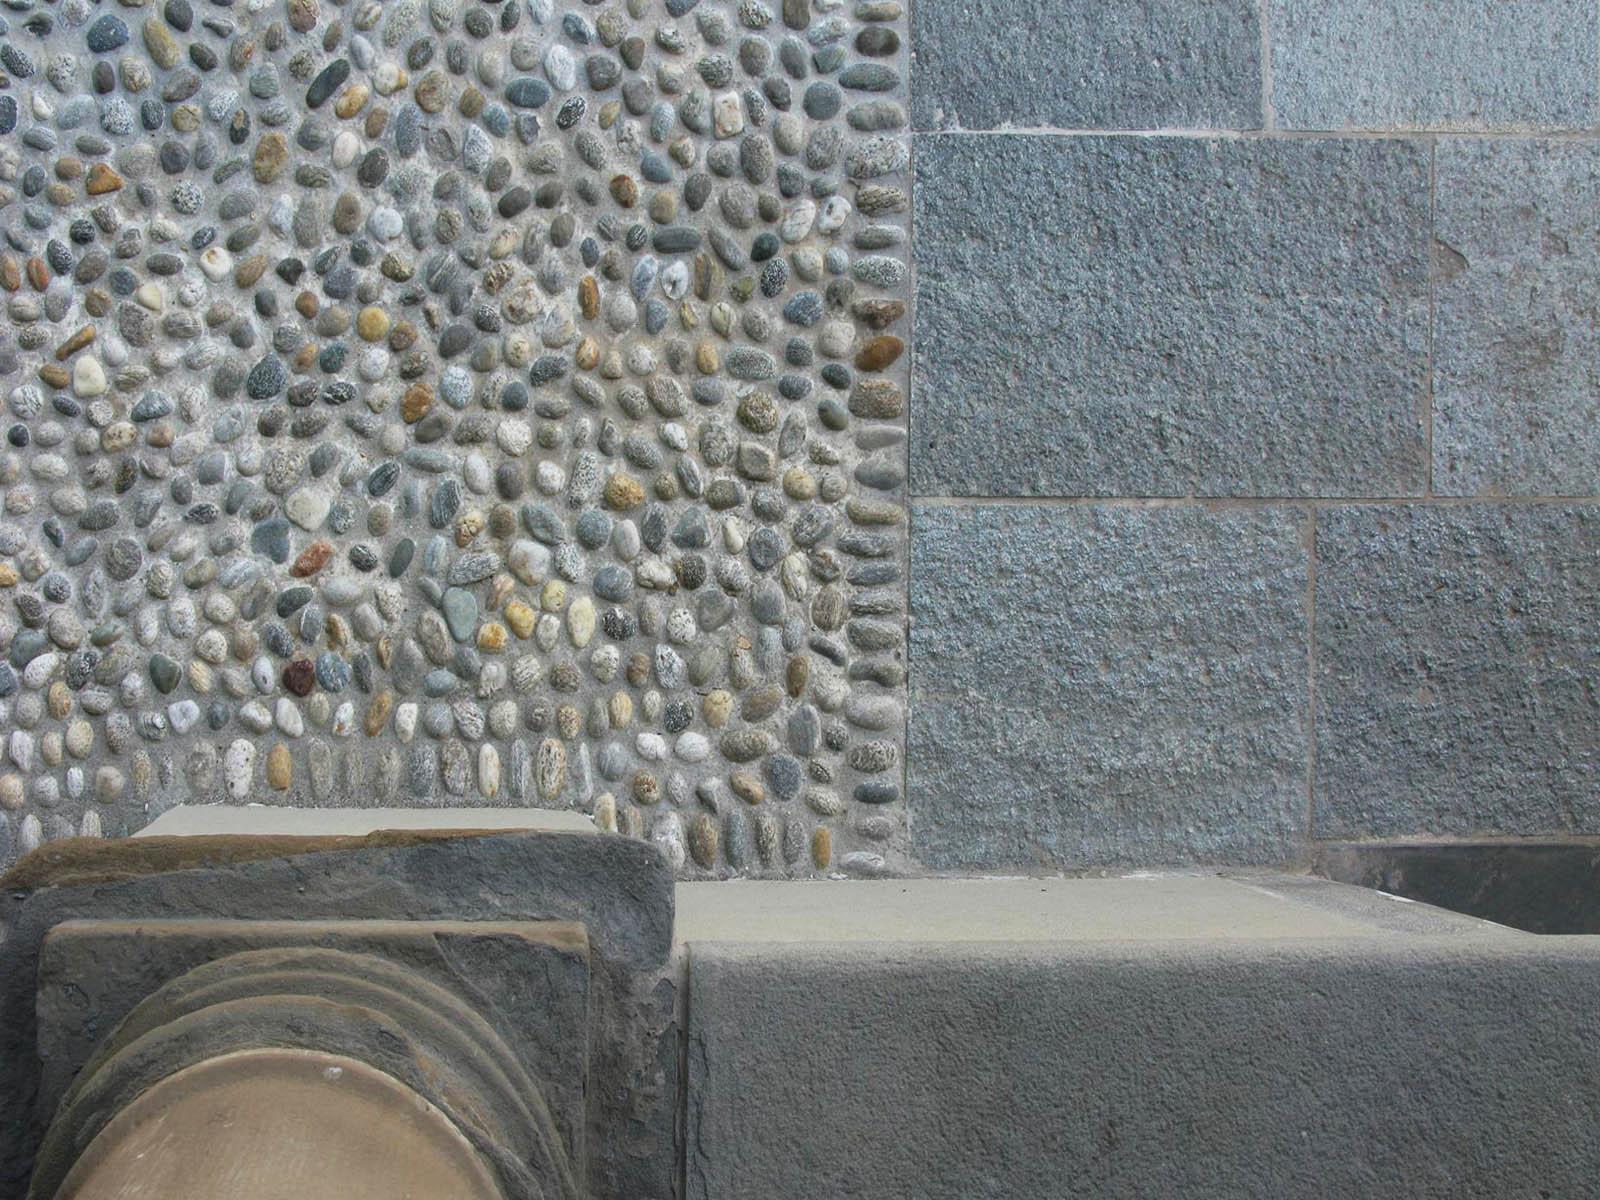 [30] Al cospetto del Santuario - attività e luoghi pubblici, arenaria, pietra di luserna, selciato, pietra di sarnico, pietra di luserna blu, selciato tondo, lastricato, acciottolato